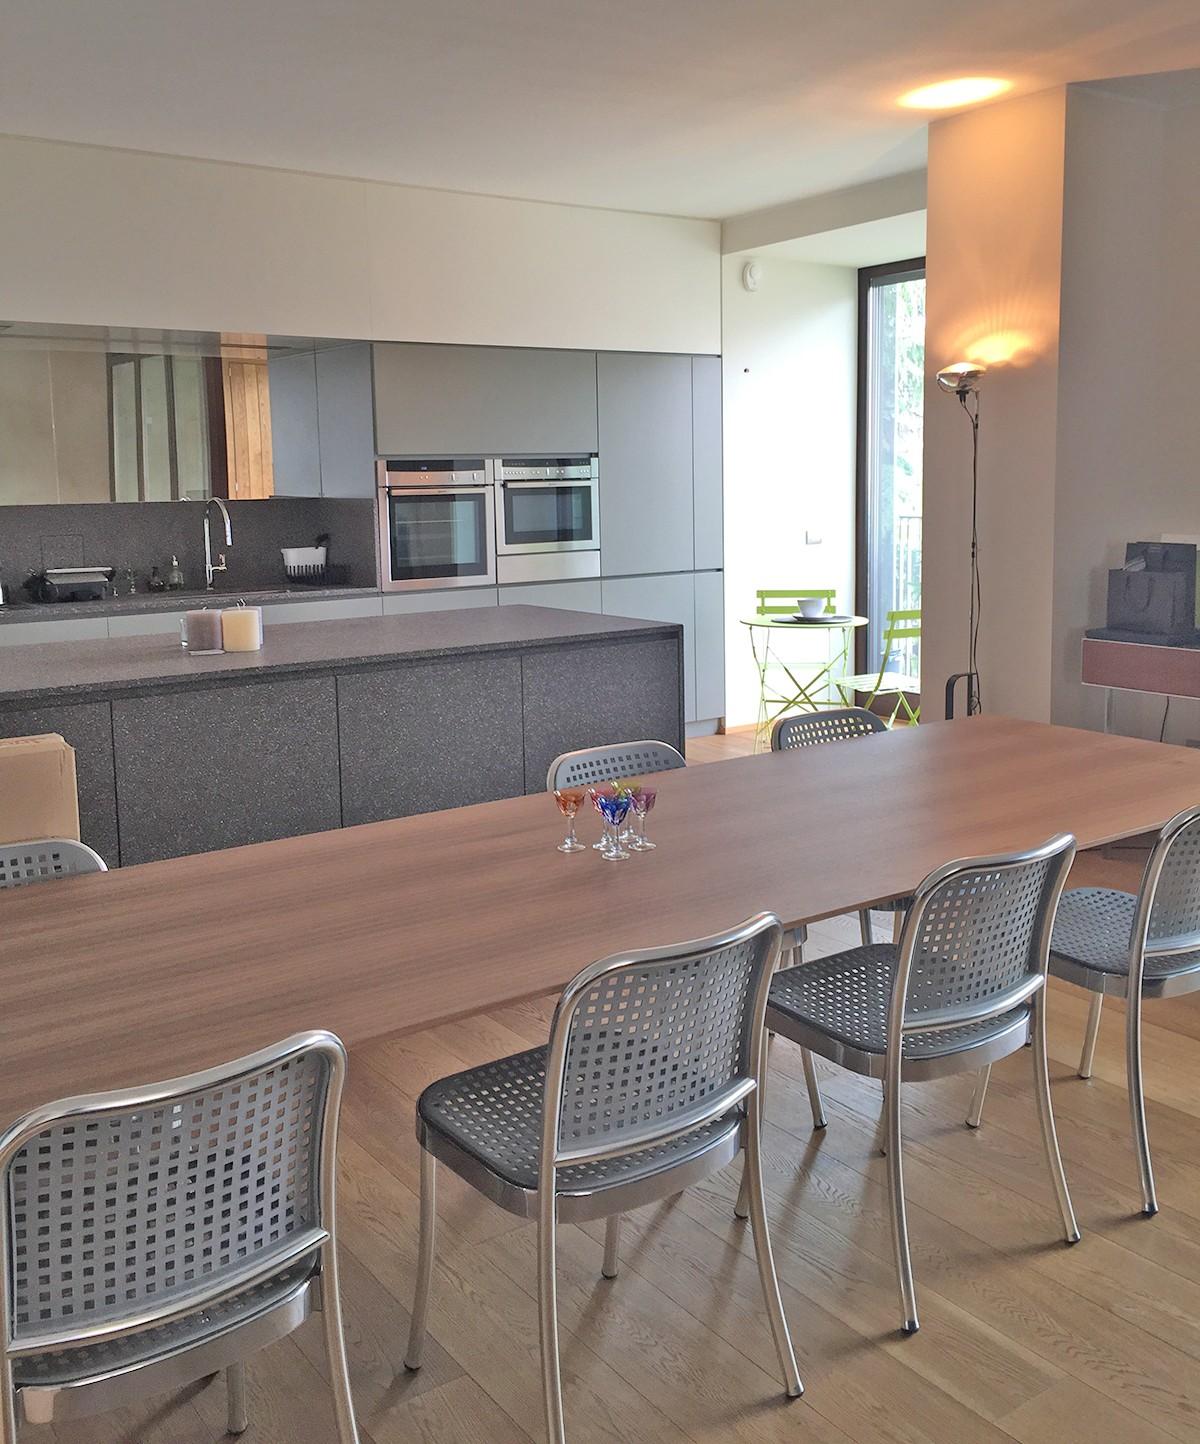 Architetto paolo delfino milano appartamento in via for Appartamento via decorati milano